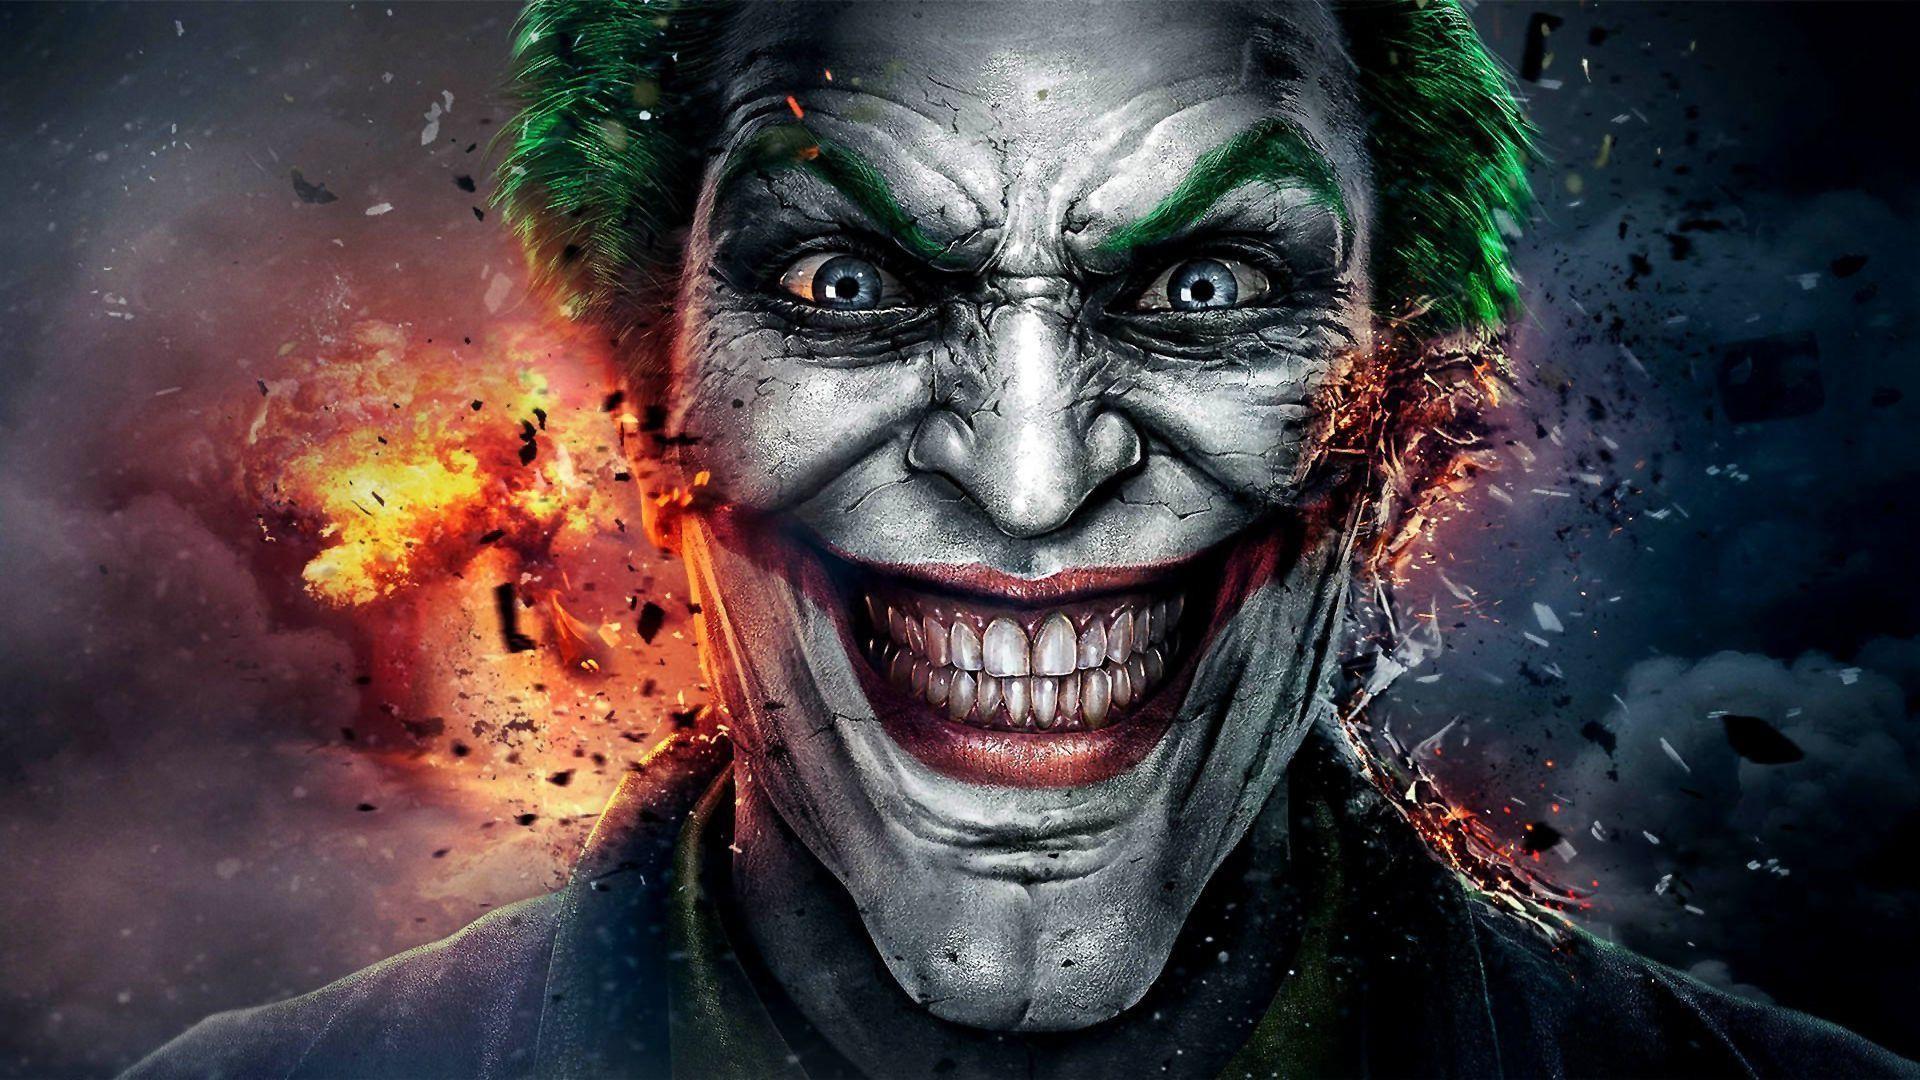 Suicide Squad Joker Wallpaper Mobile Quotes Suicide Squad Joker .